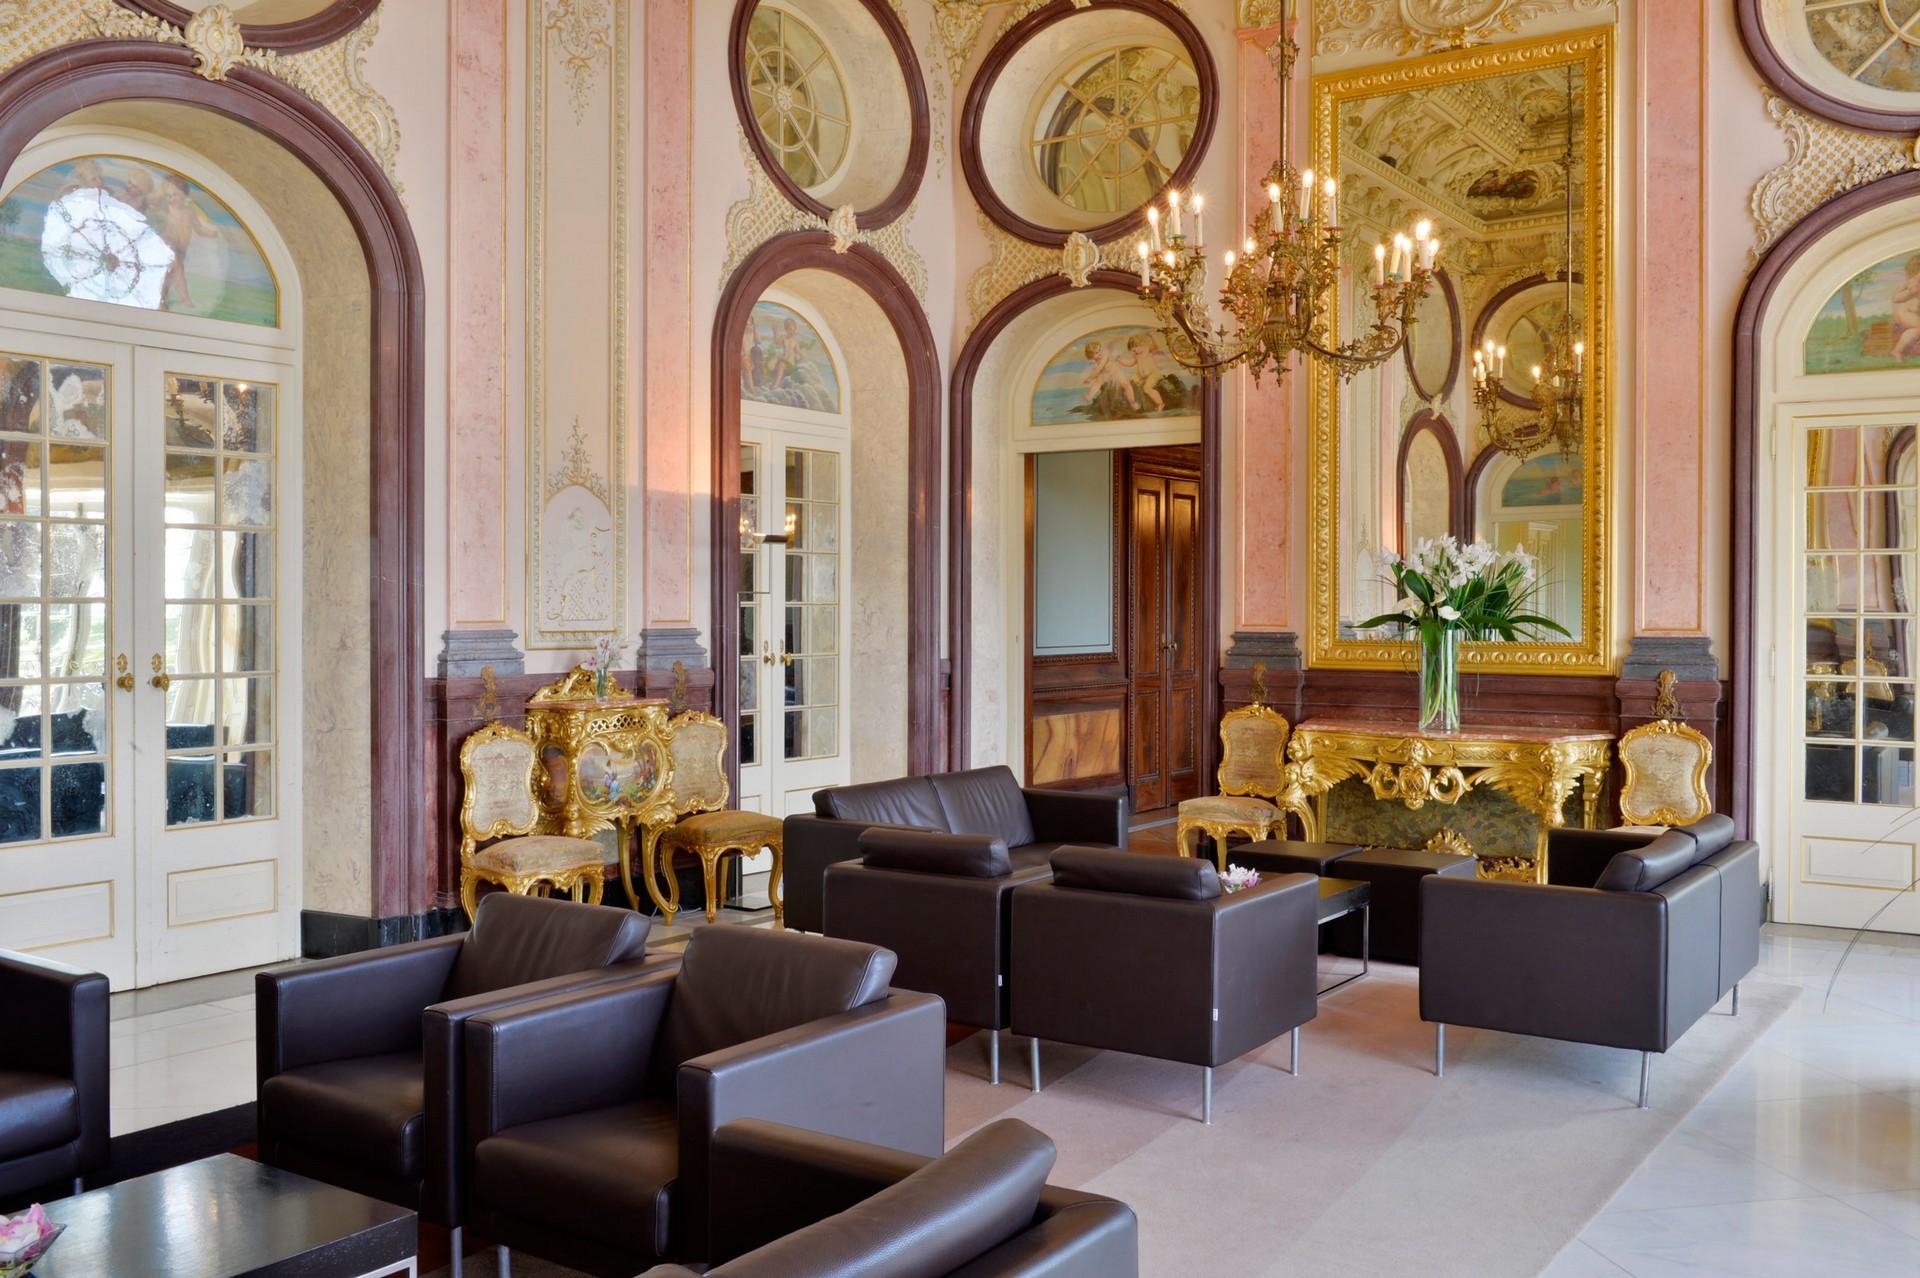 Historic Hotels in Portugal: Palácio de Estoi historic hotels in portugal Historic Hotels in Portugal That You Can't Miss Historic Hotels in Portugal 12